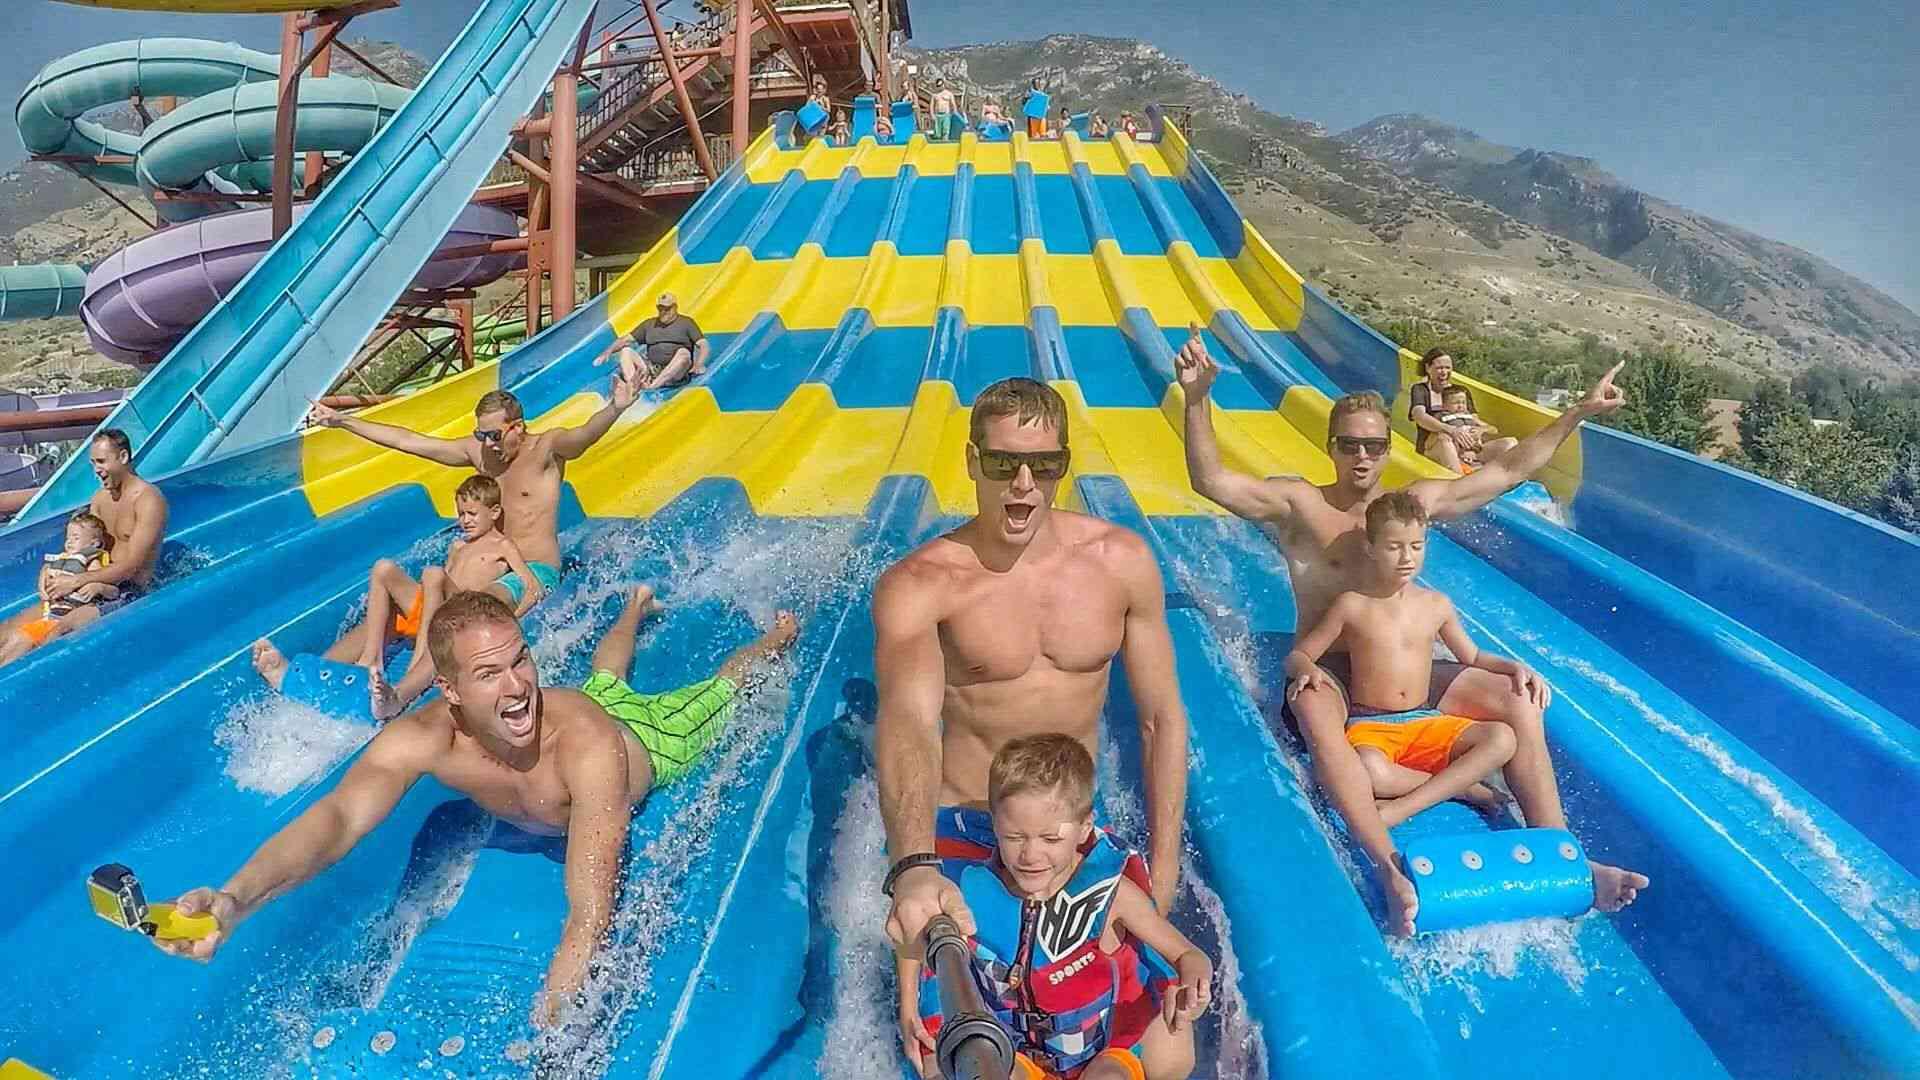 Splash Summit water park in Utah